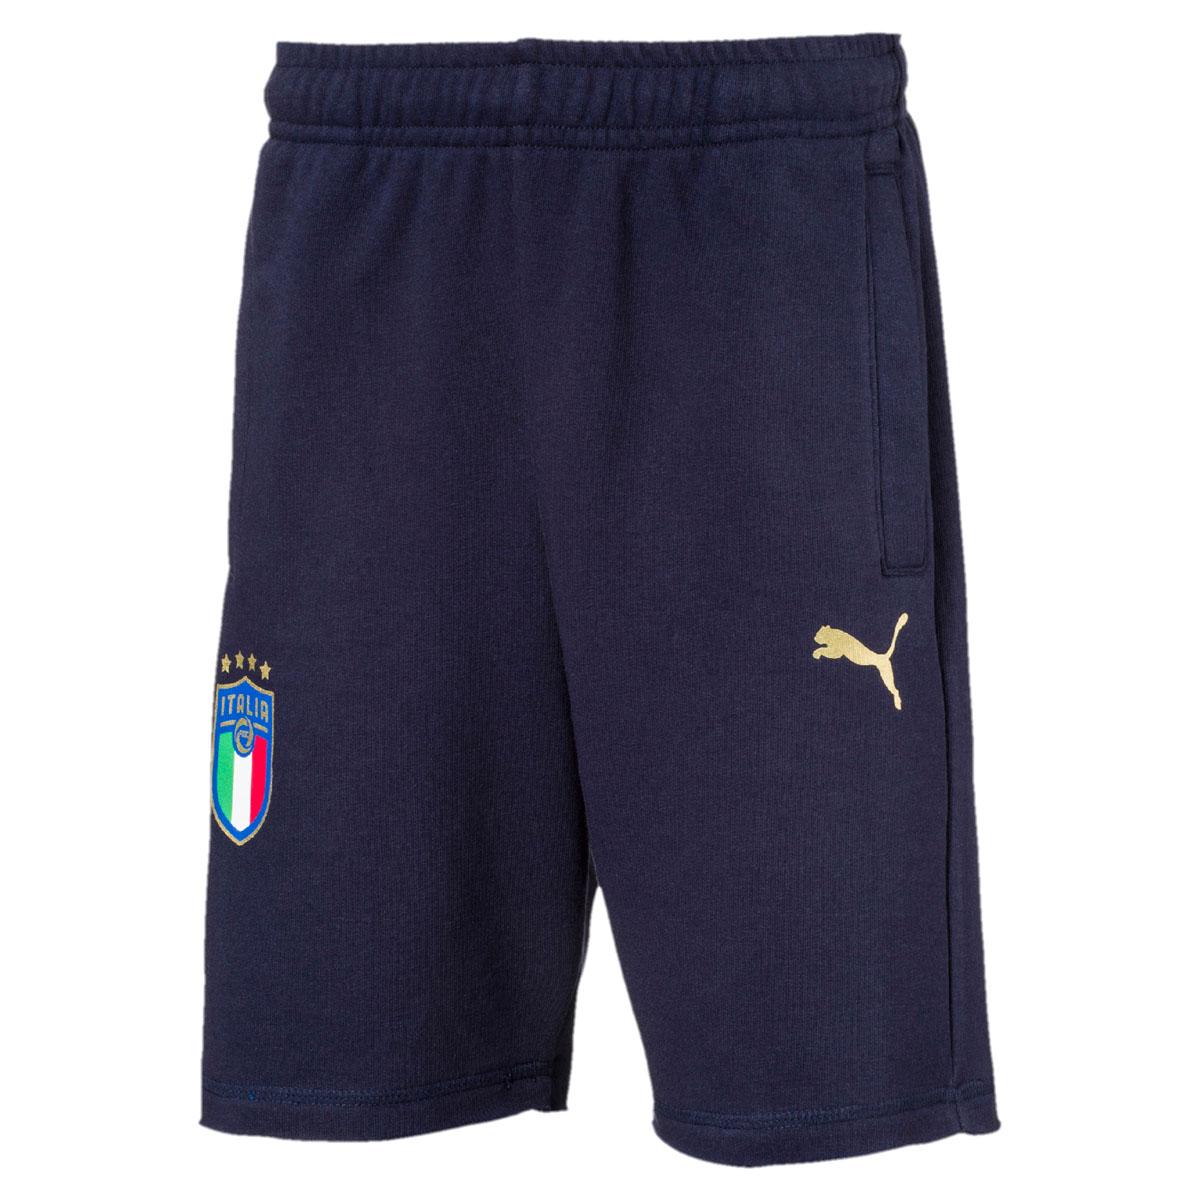 Шорты для мальчика Puma FIGC Italia Fan Bermudas Jr, цвет: синий. 752873107. Размер 164 бейсболка для мальчика puma minions suede flatbrim jr цвет черный 02147701 размер универсальный